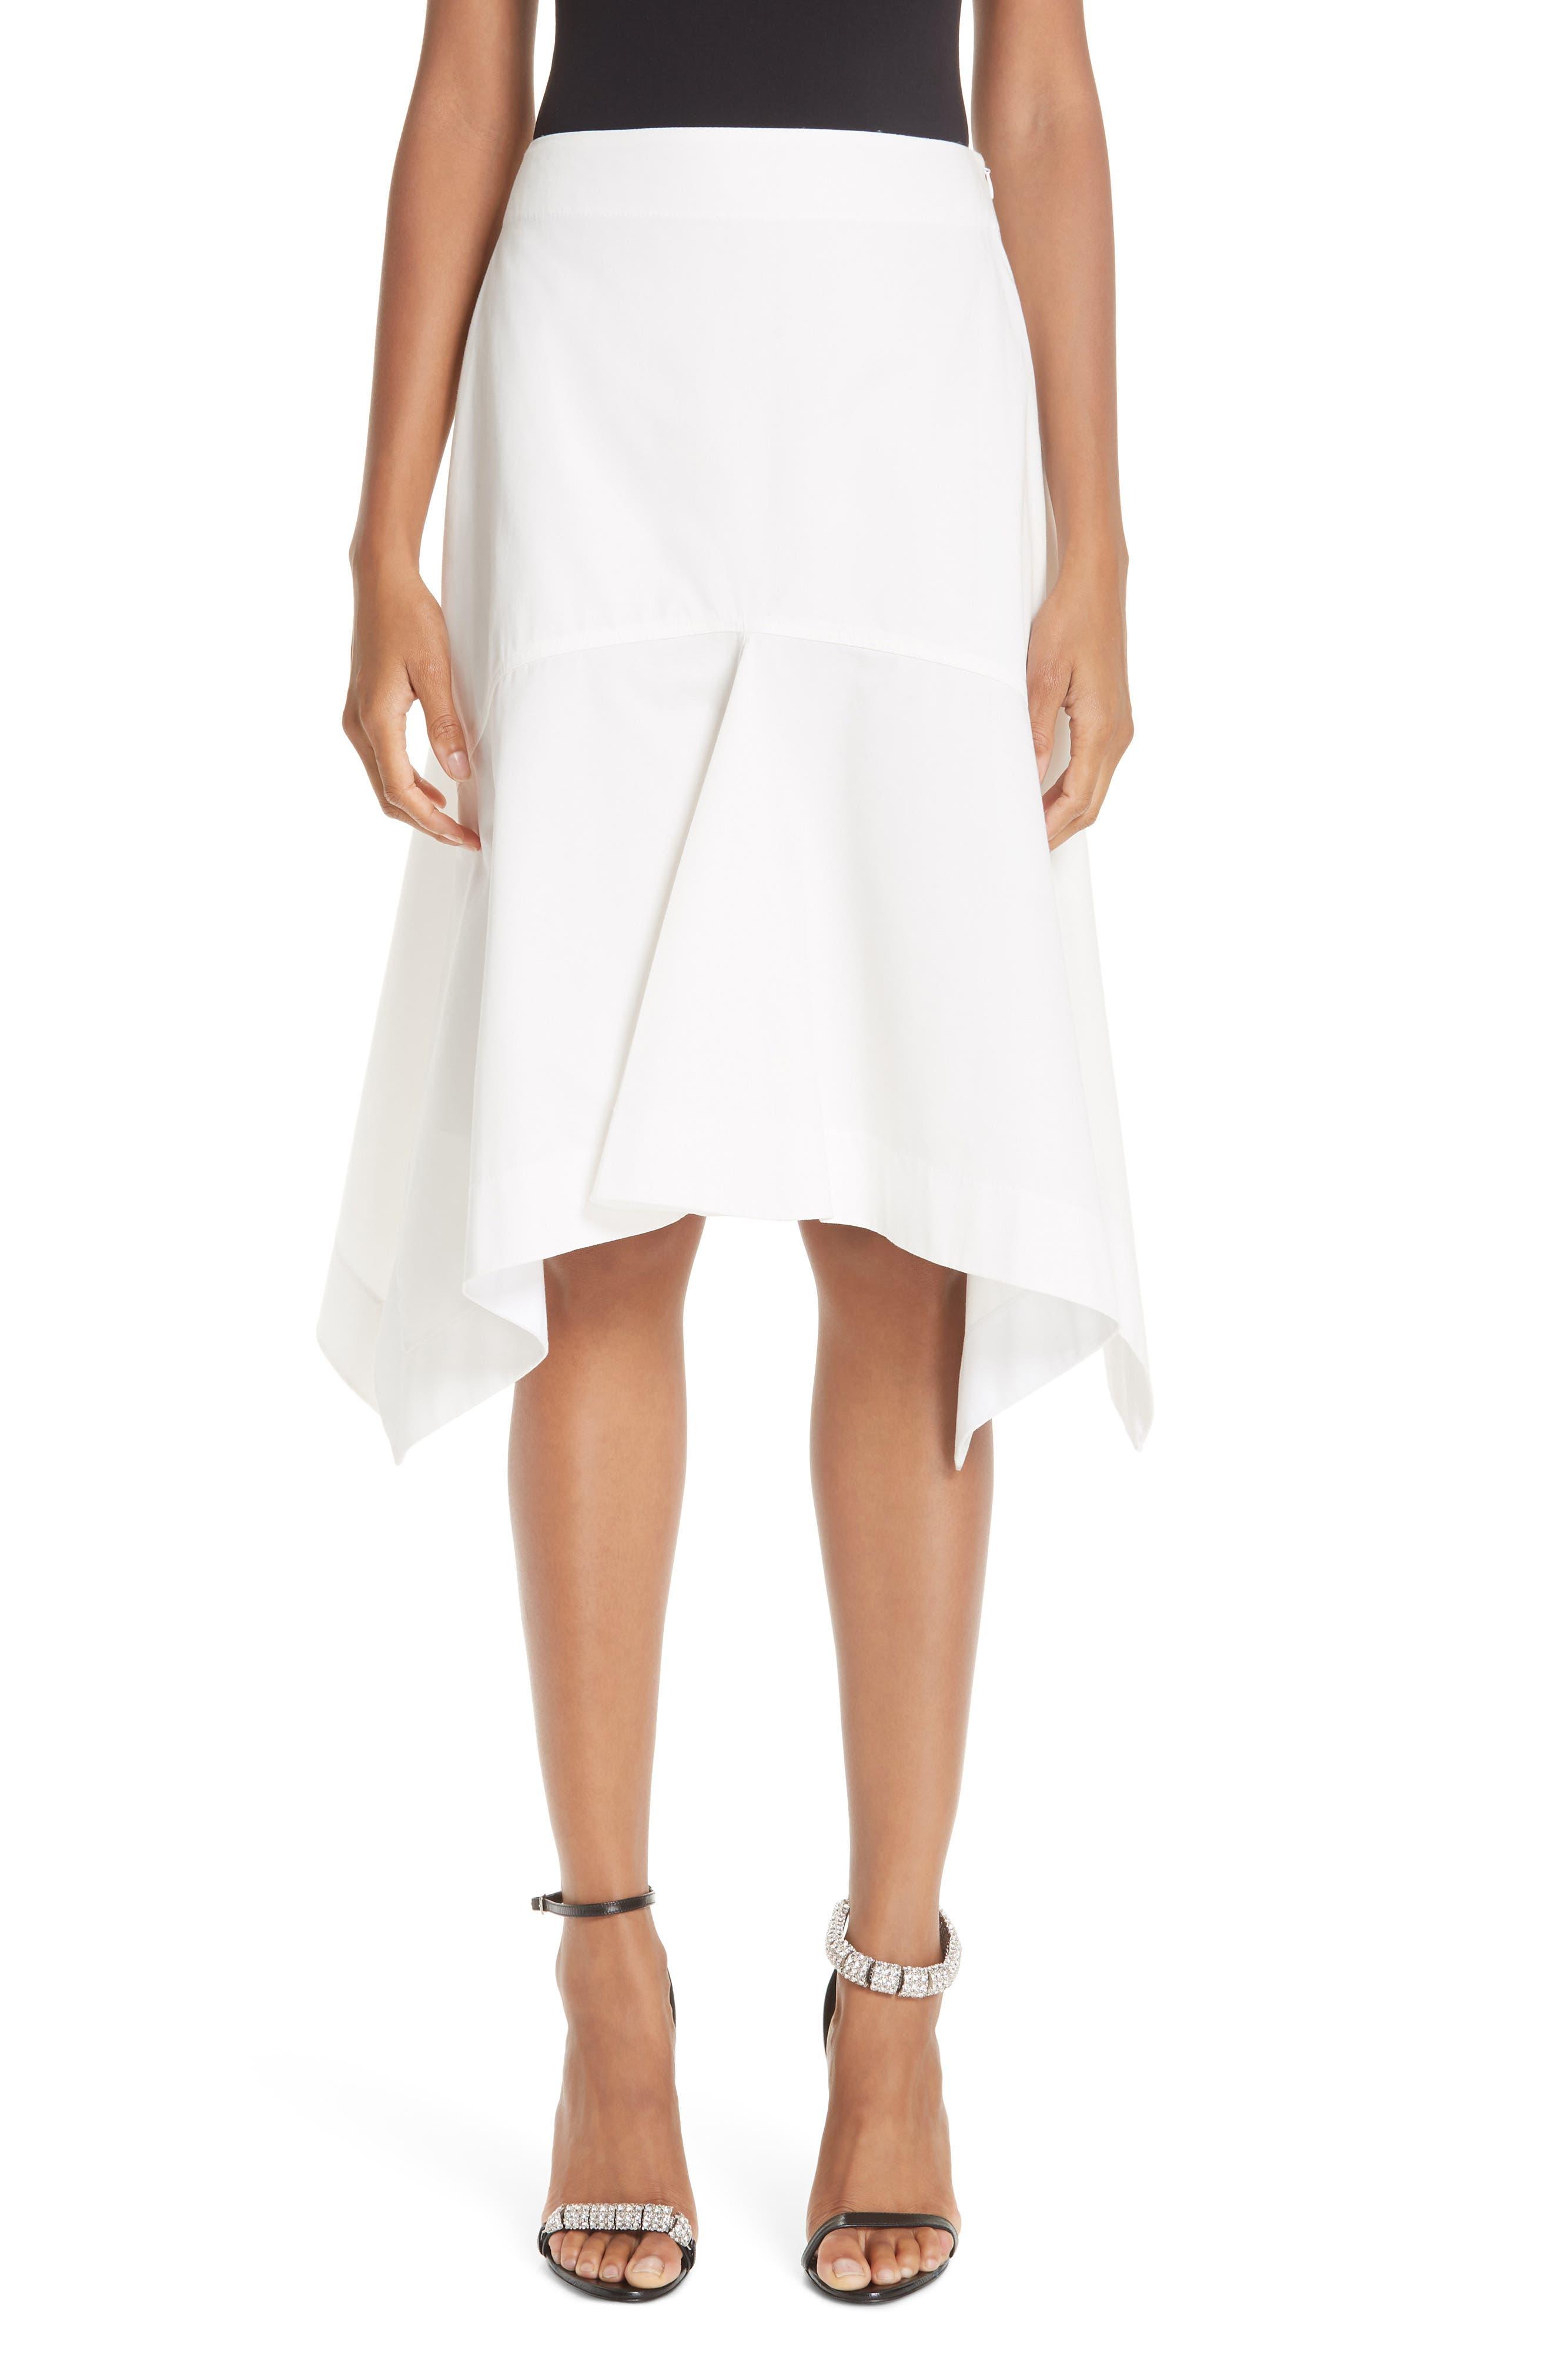 CALVIN KLEIN 205W39NYC, Sharkbite Hem Cotton Gabardine Skirt, Main thumbnail 1, color, WHITE